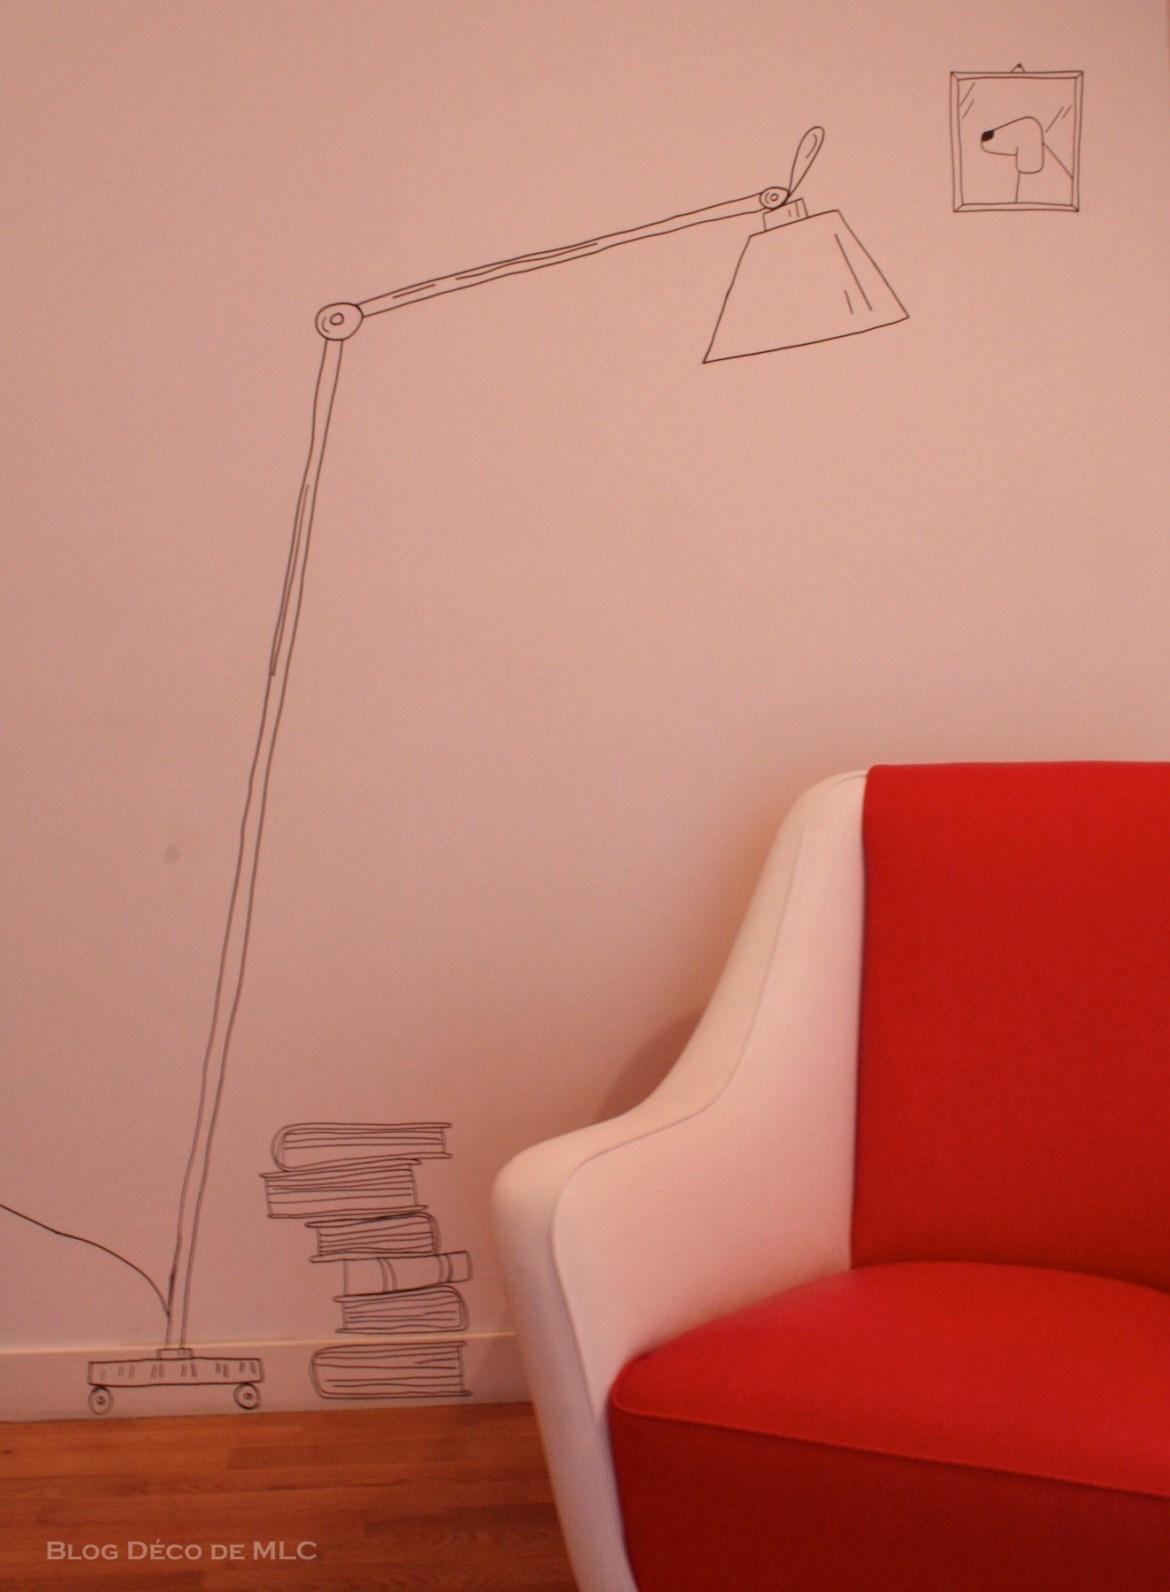 fauteuil-rouge-hotel-Bellini-Cocchia-Blog_deco_MLC